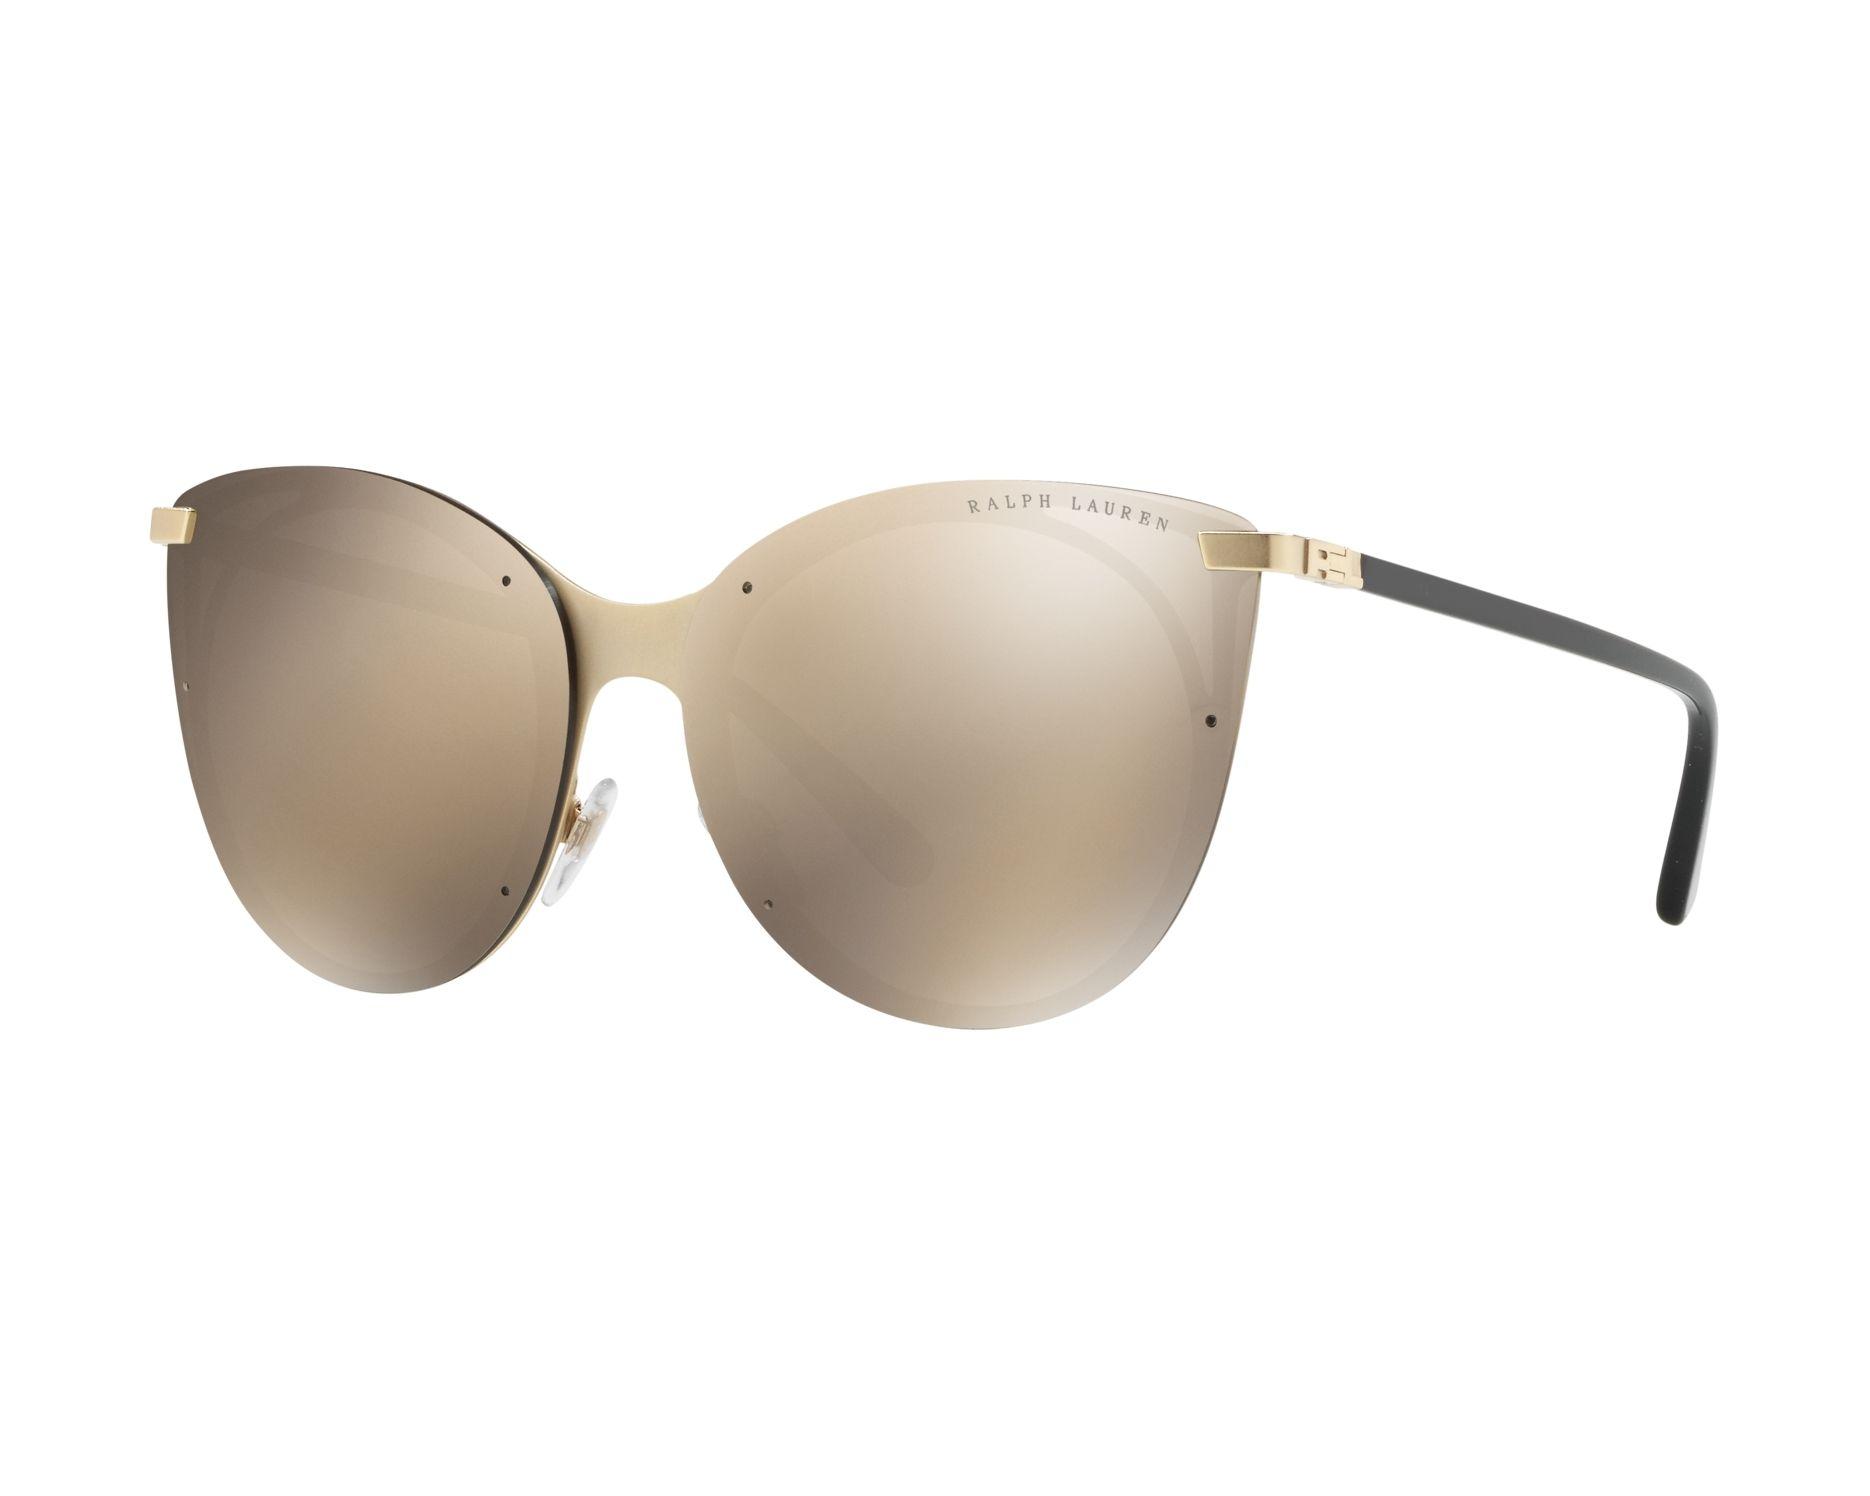 898184c3cb9a Sunglasses Ralph Lauren RL-7059 91165A 63-14 Gold Black